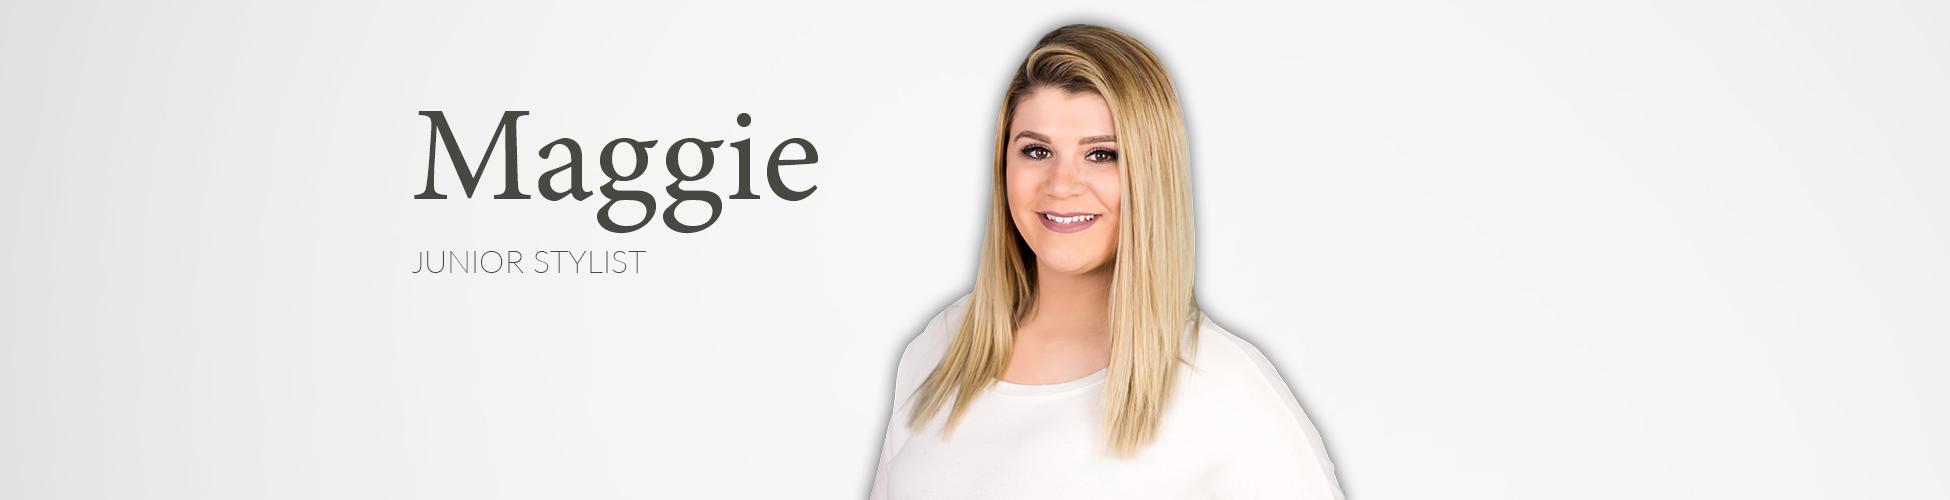 Maggie | Avalanche Salon & Spa Collegeville